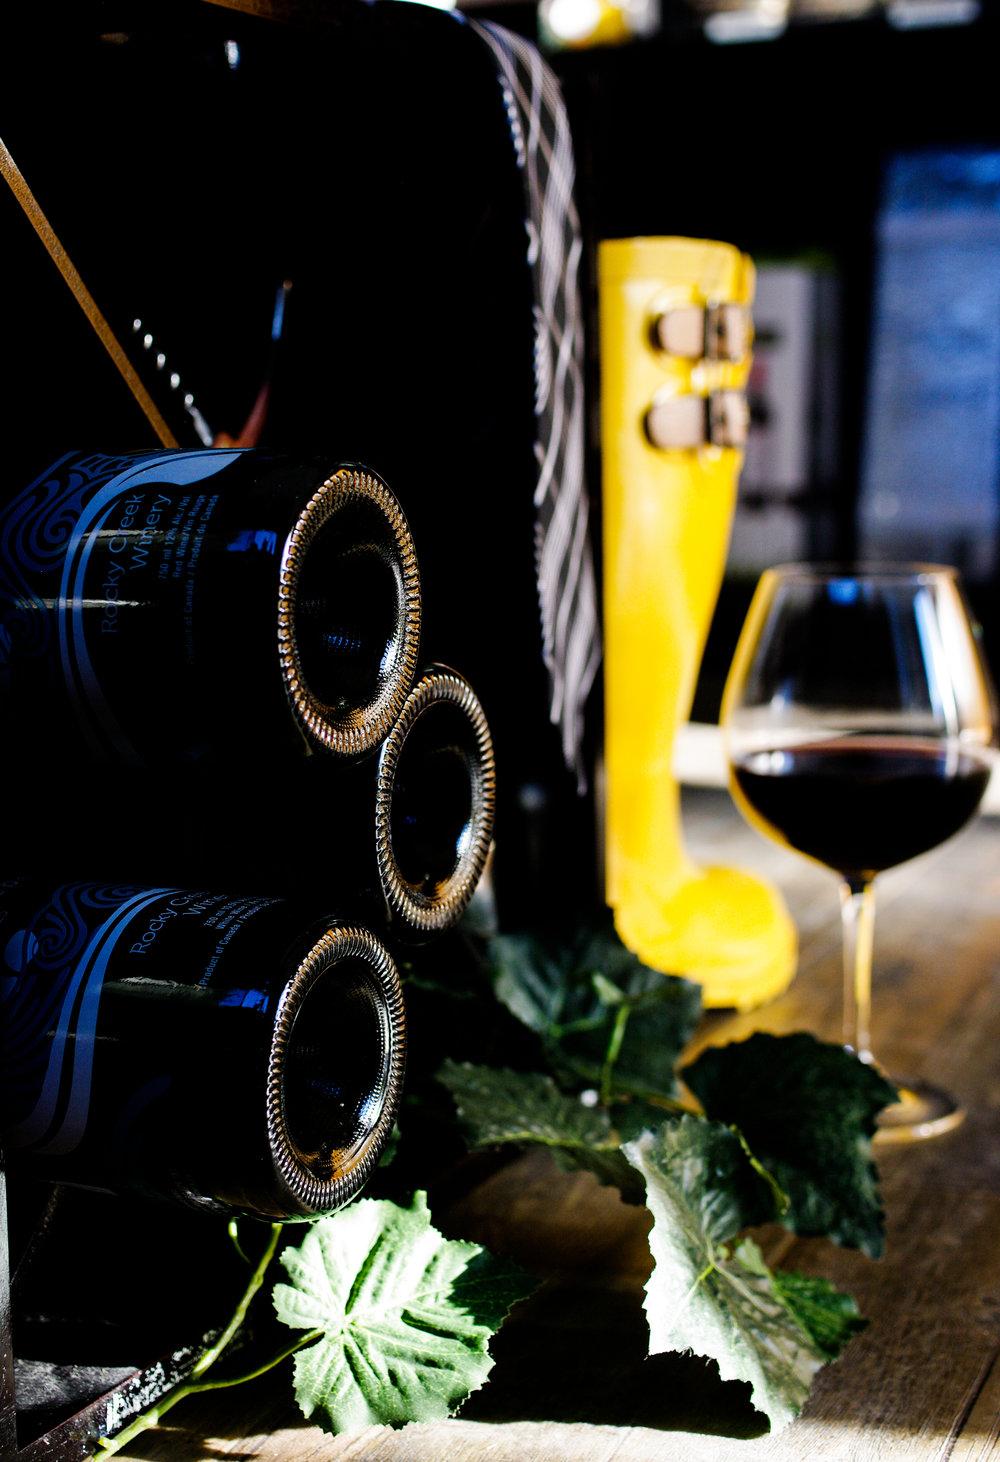 Rockycreekwinery/bottles/gumboots